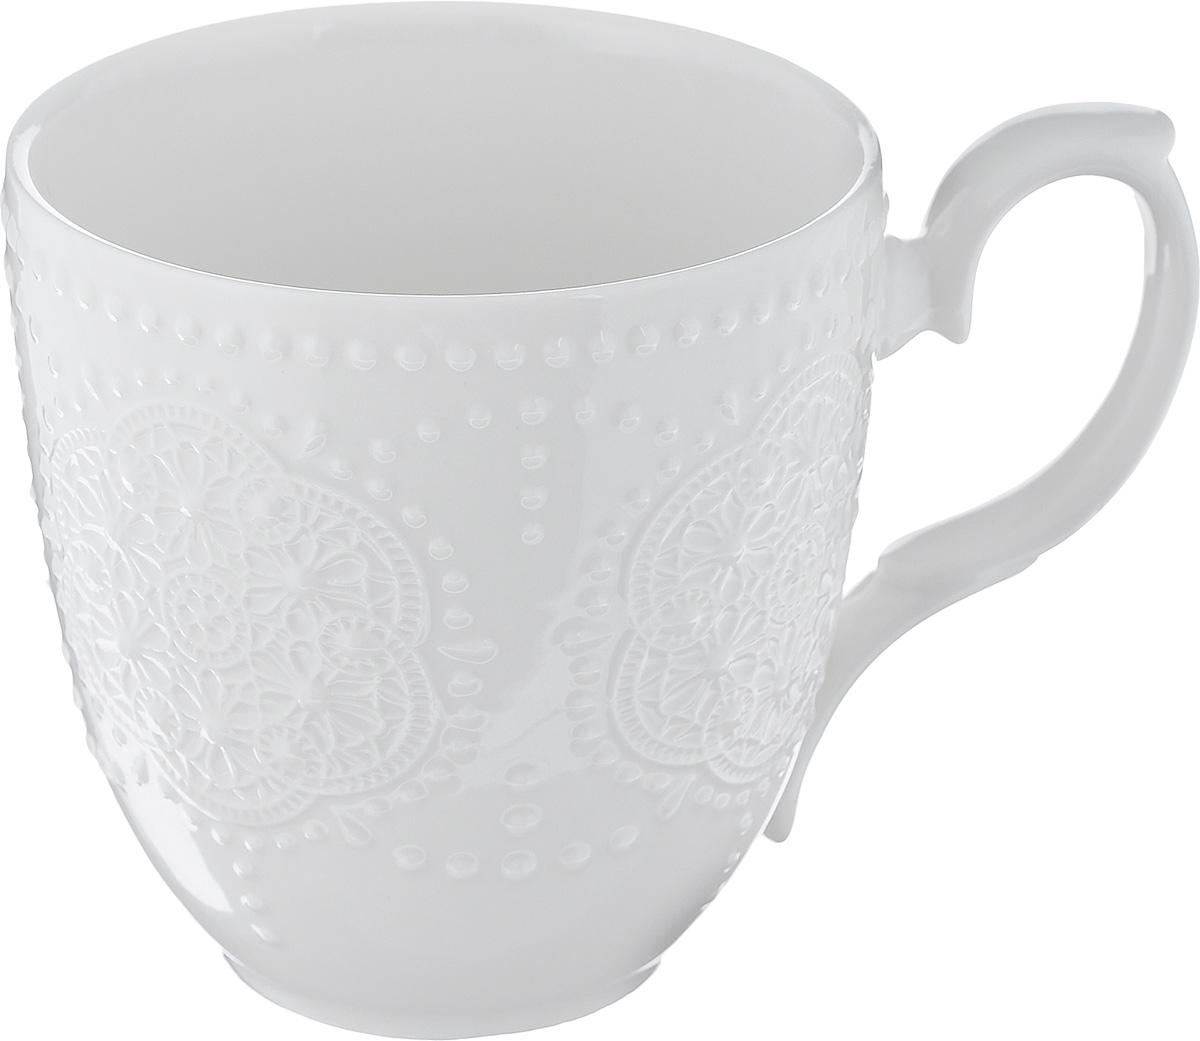 Кружка Walmer Vivien, цвет: белый, 350 млW07220035Кружка Walmer Vivien изготовлена из высококачественного фарфора. Изделие оформлено изысканным рельефным орнаментом.Такая кружка прекрасно оформит стол к чаепитию и станет его неизменным атрибутом. Не рекомендуется применять абразивные моющие средства. Диаметр (по верхнему краю): 9 см.Высота: 9,5 см.